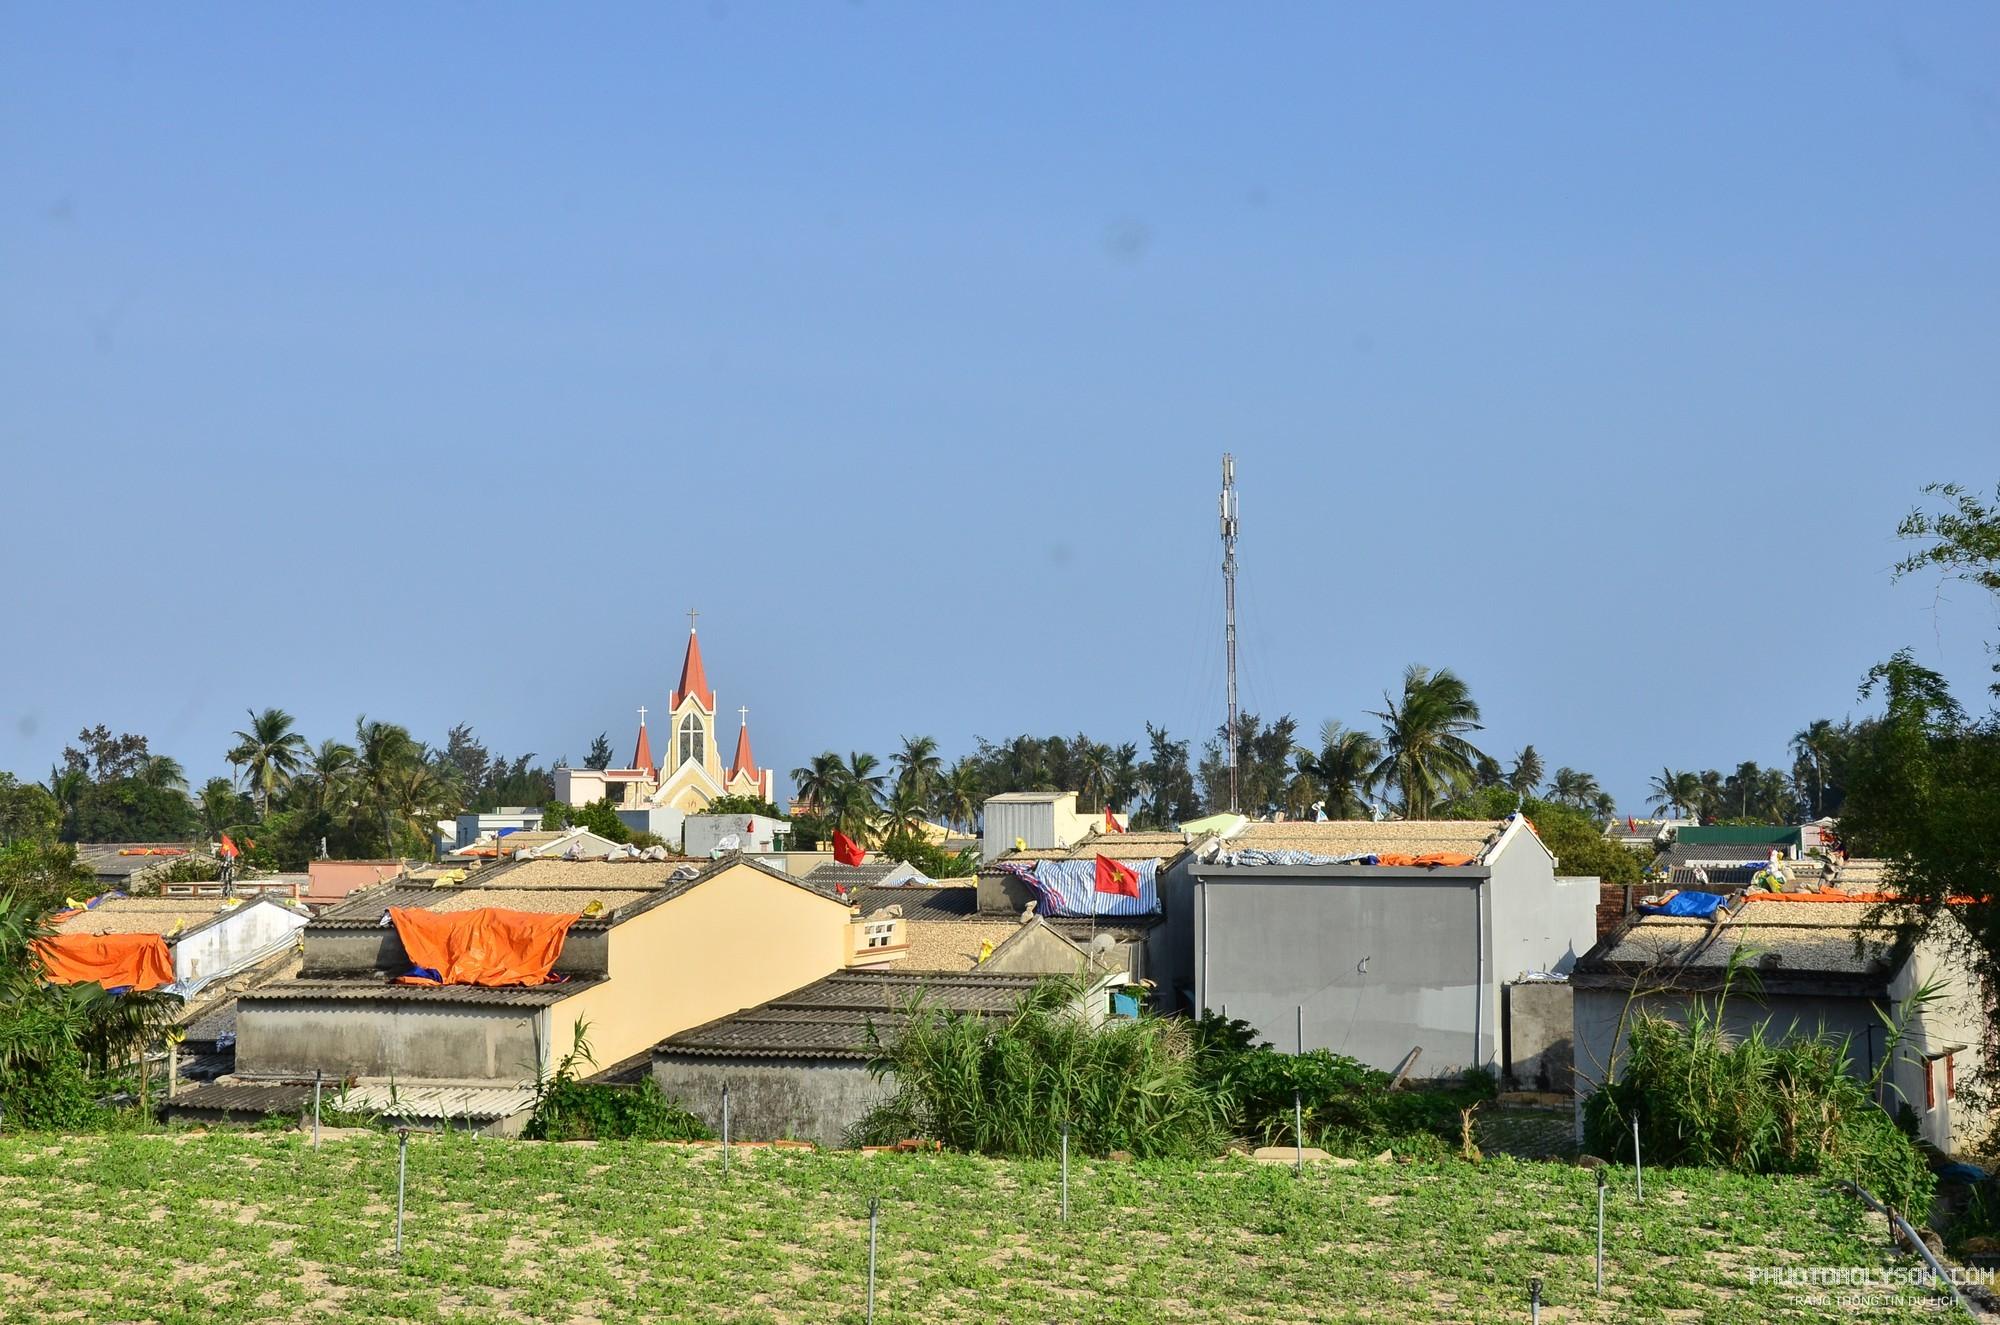 """Không chỉ ông Quảng, hàng trăm hộ dân khác cũng mang tỏi lên mái nhà để phơi tạo nên khung cảnh đặc trưng của """"vương quốc tỏi"""" Lý Sơn"""